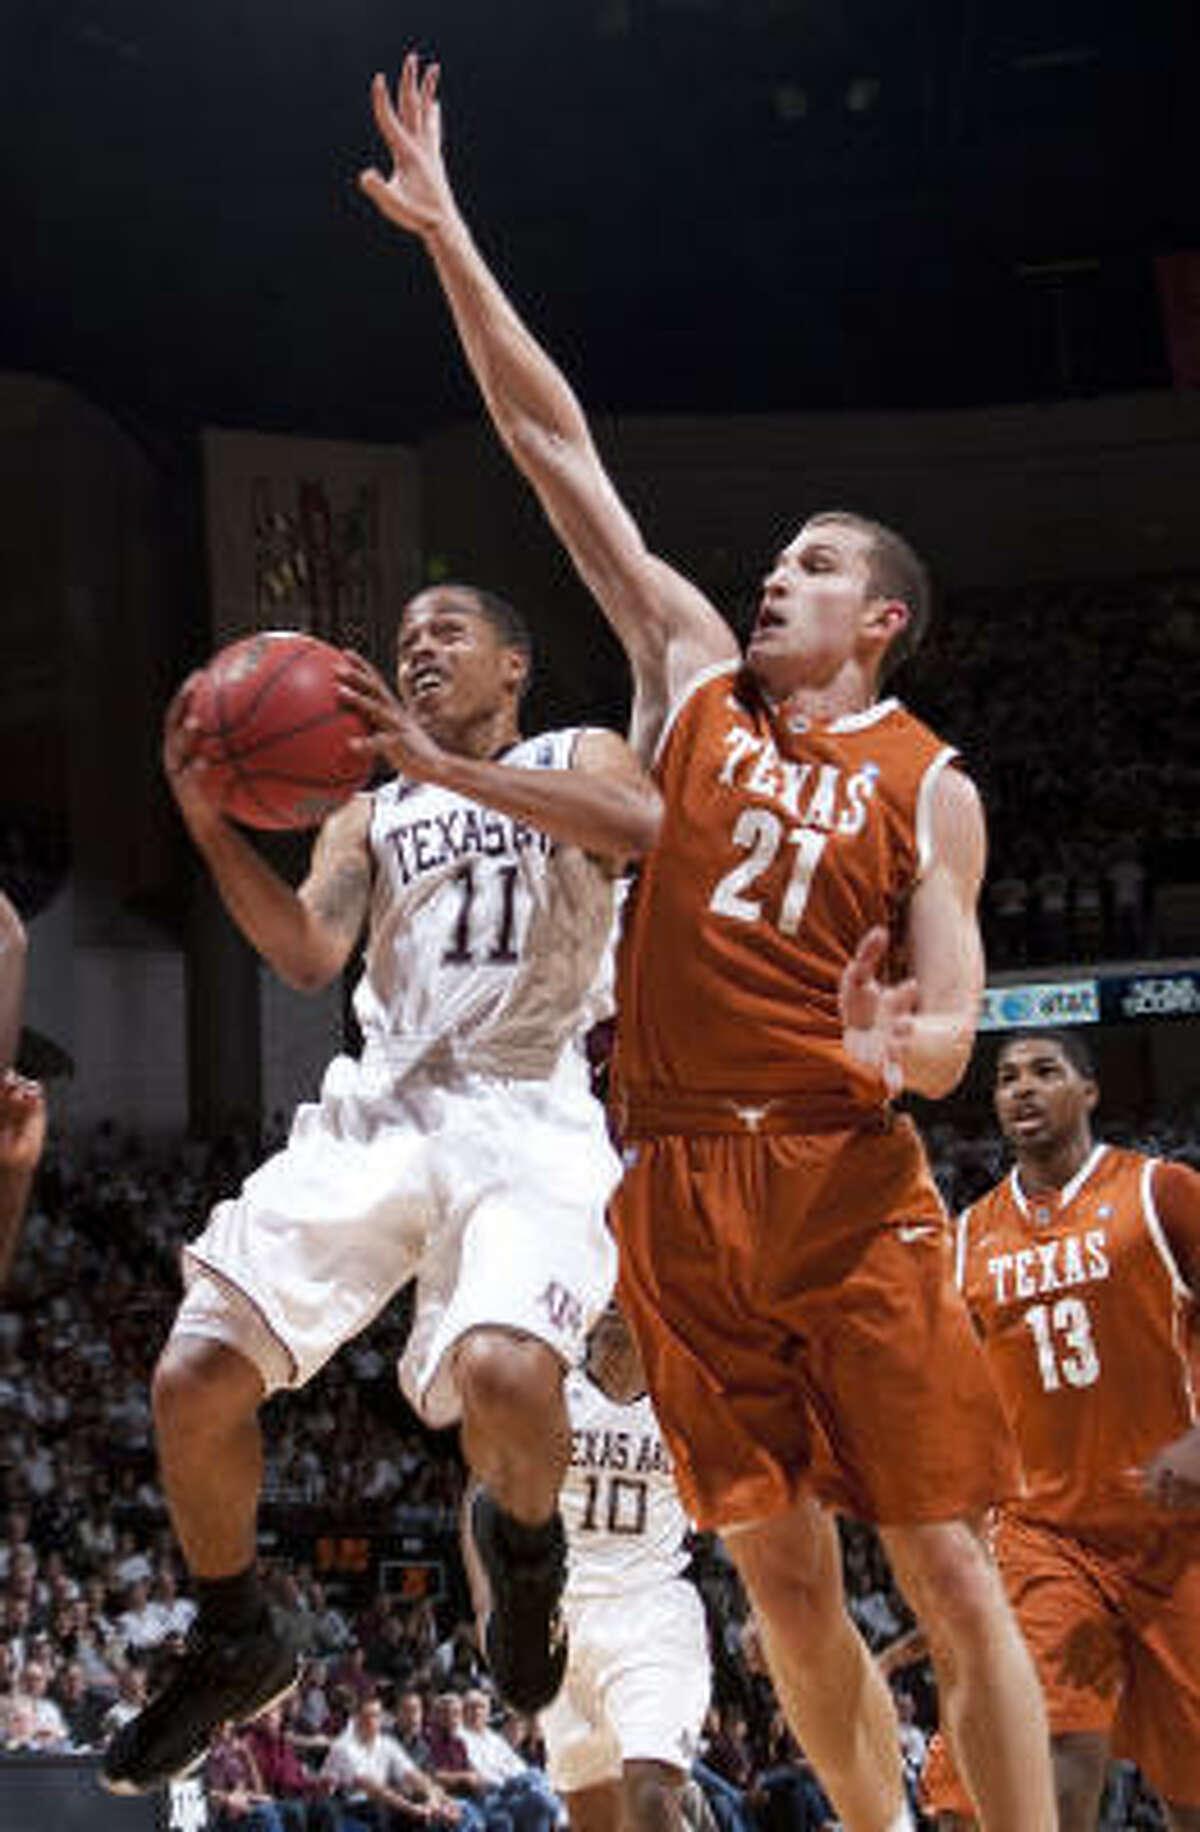 Texas A&M guard B.J. Homes (11) goes for a shot against Texas' Matt Hill (21).